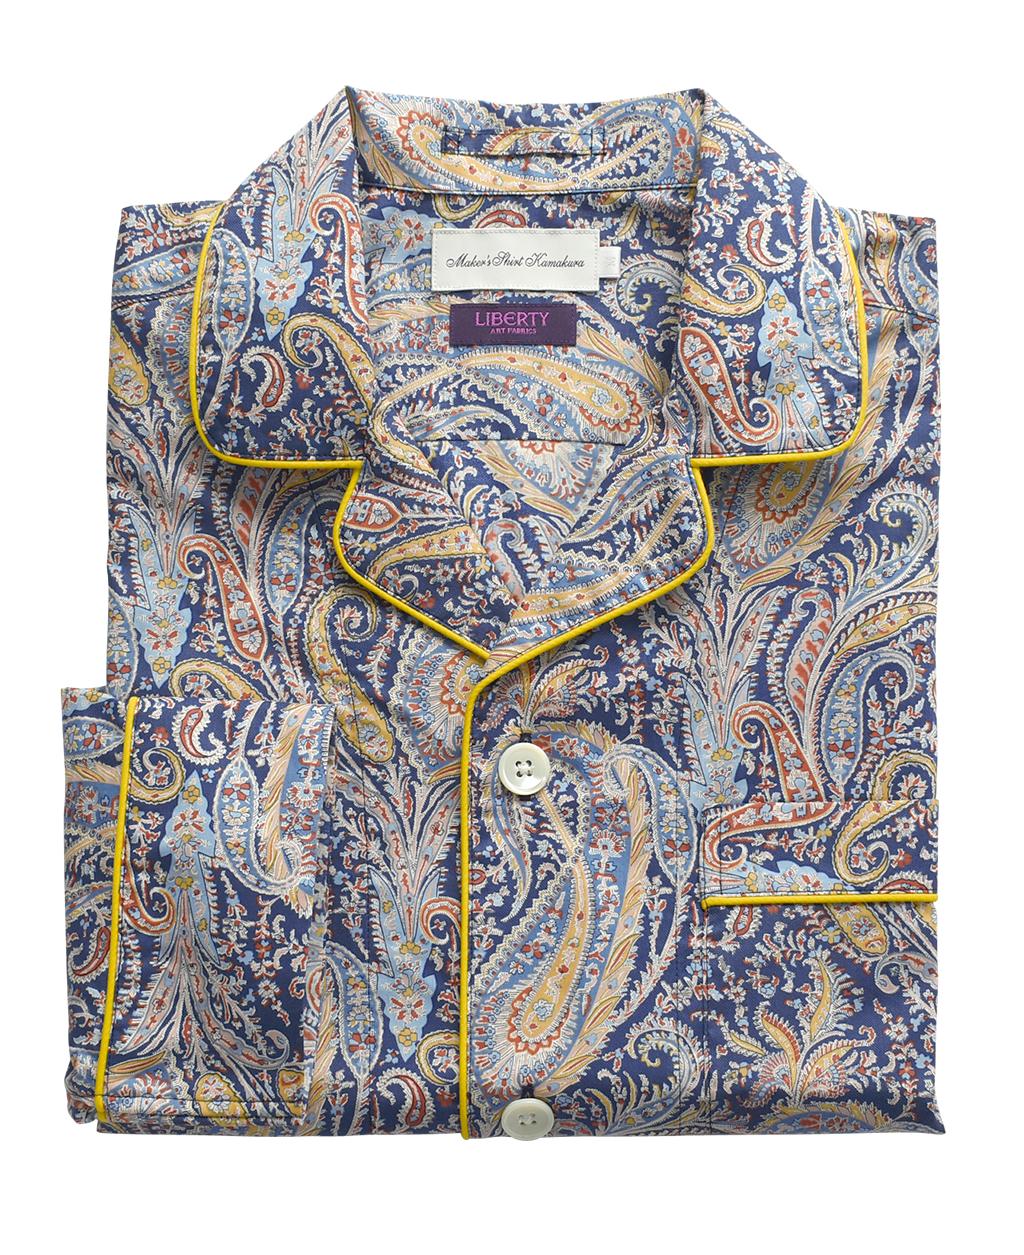 bba07205c23014 リラクシングウェア(M ブルー系): メンズ | メーカーズシャツ鎌倉 公式 ...